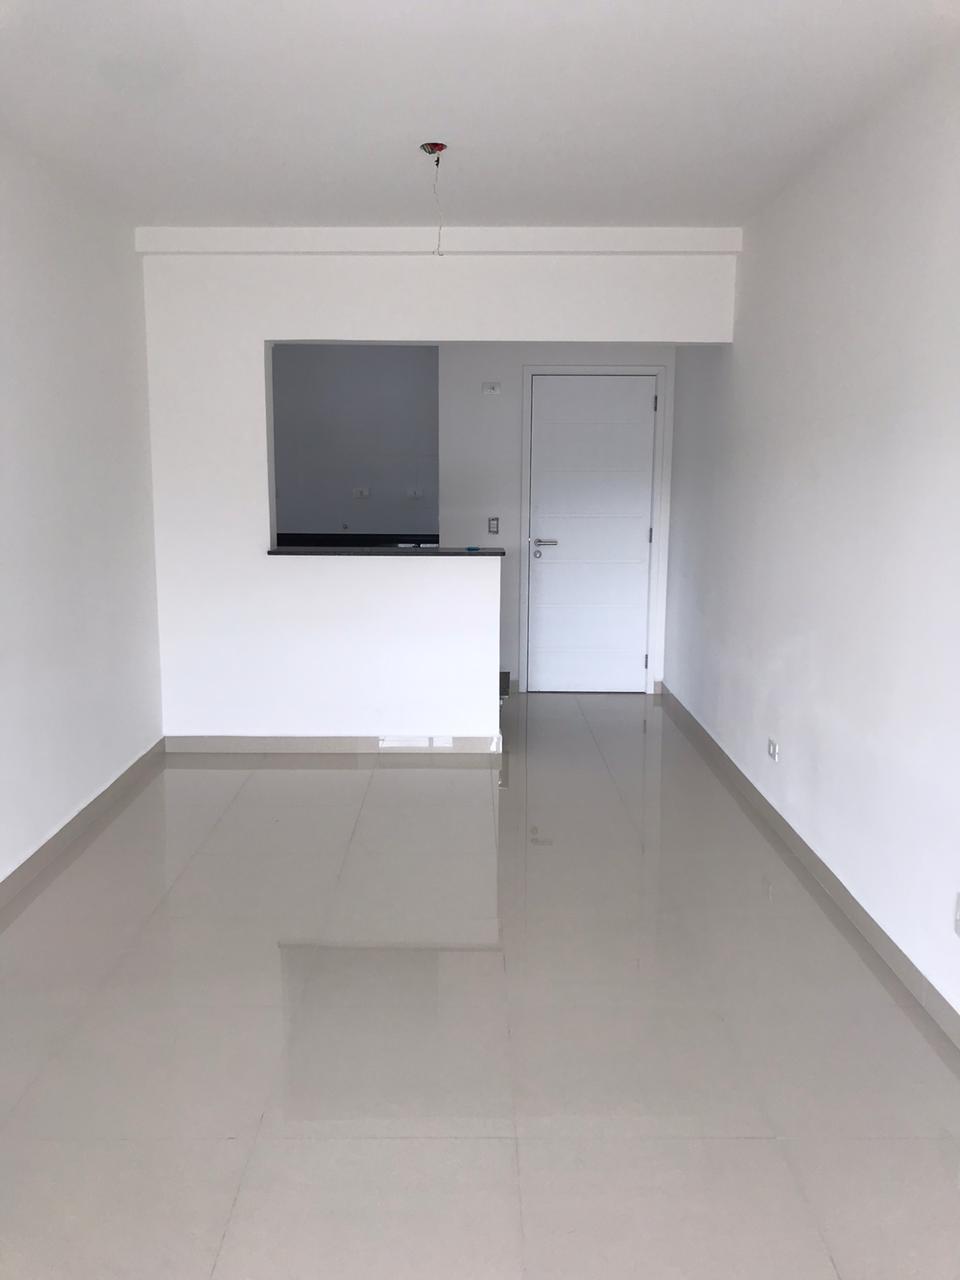 apartamento novo 2 dormitórios com 1 suite e uma varanda gourmet. - foto 7